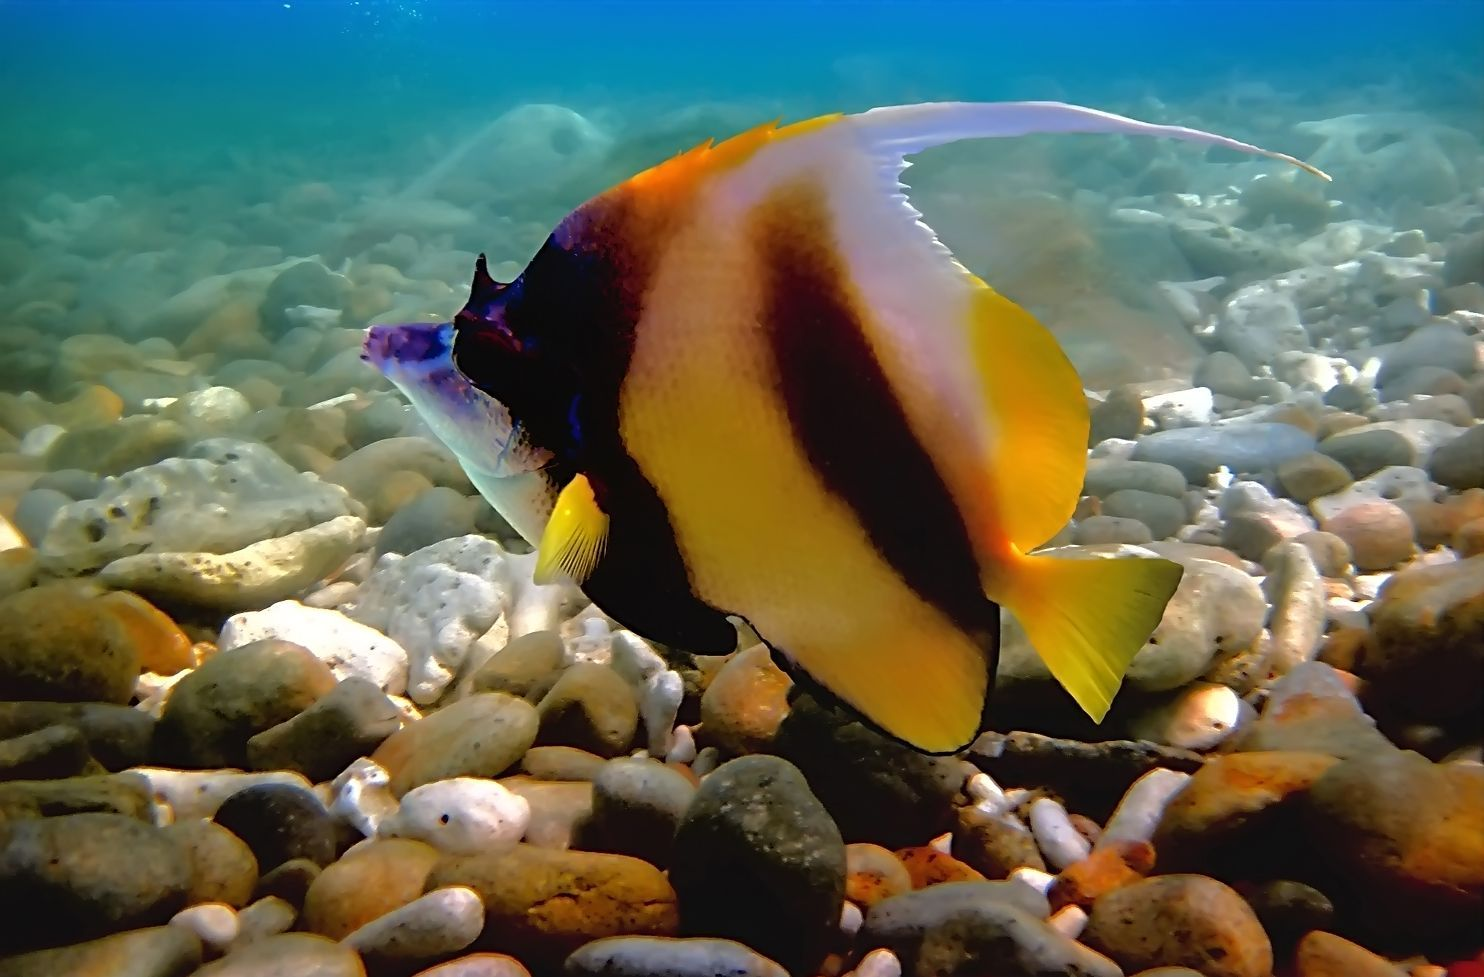 fotografías-del-fondo-marino-peces-de-colores-arrecifes-y-corales-en ...